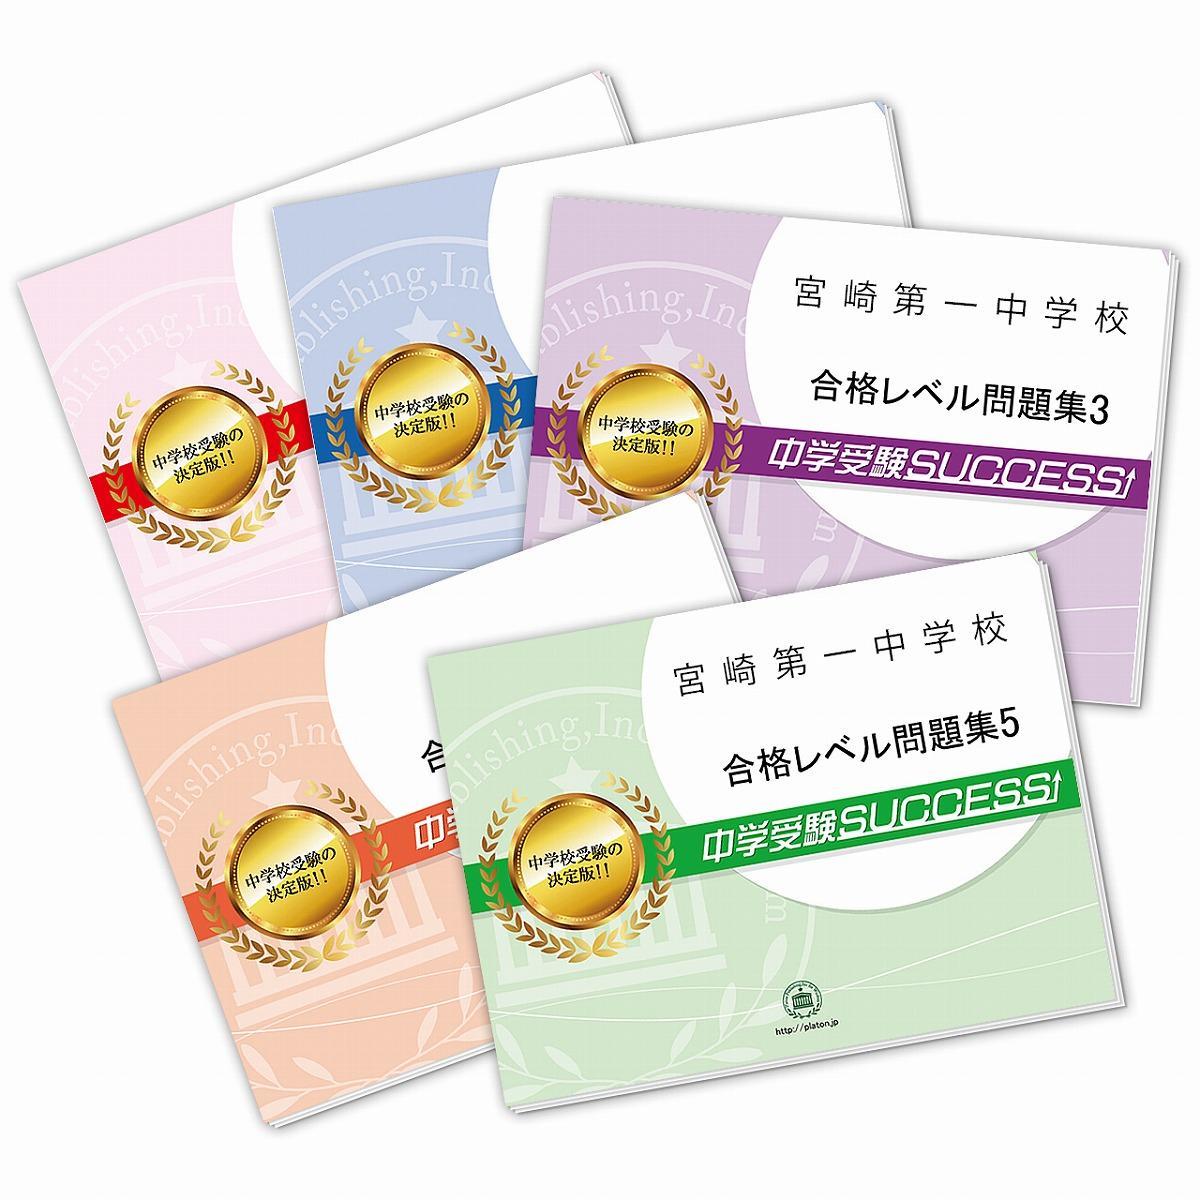 送料 お買い得品 代引手数料無料 宮崎第一中学校 5冊 直営店 直前対策合格セット